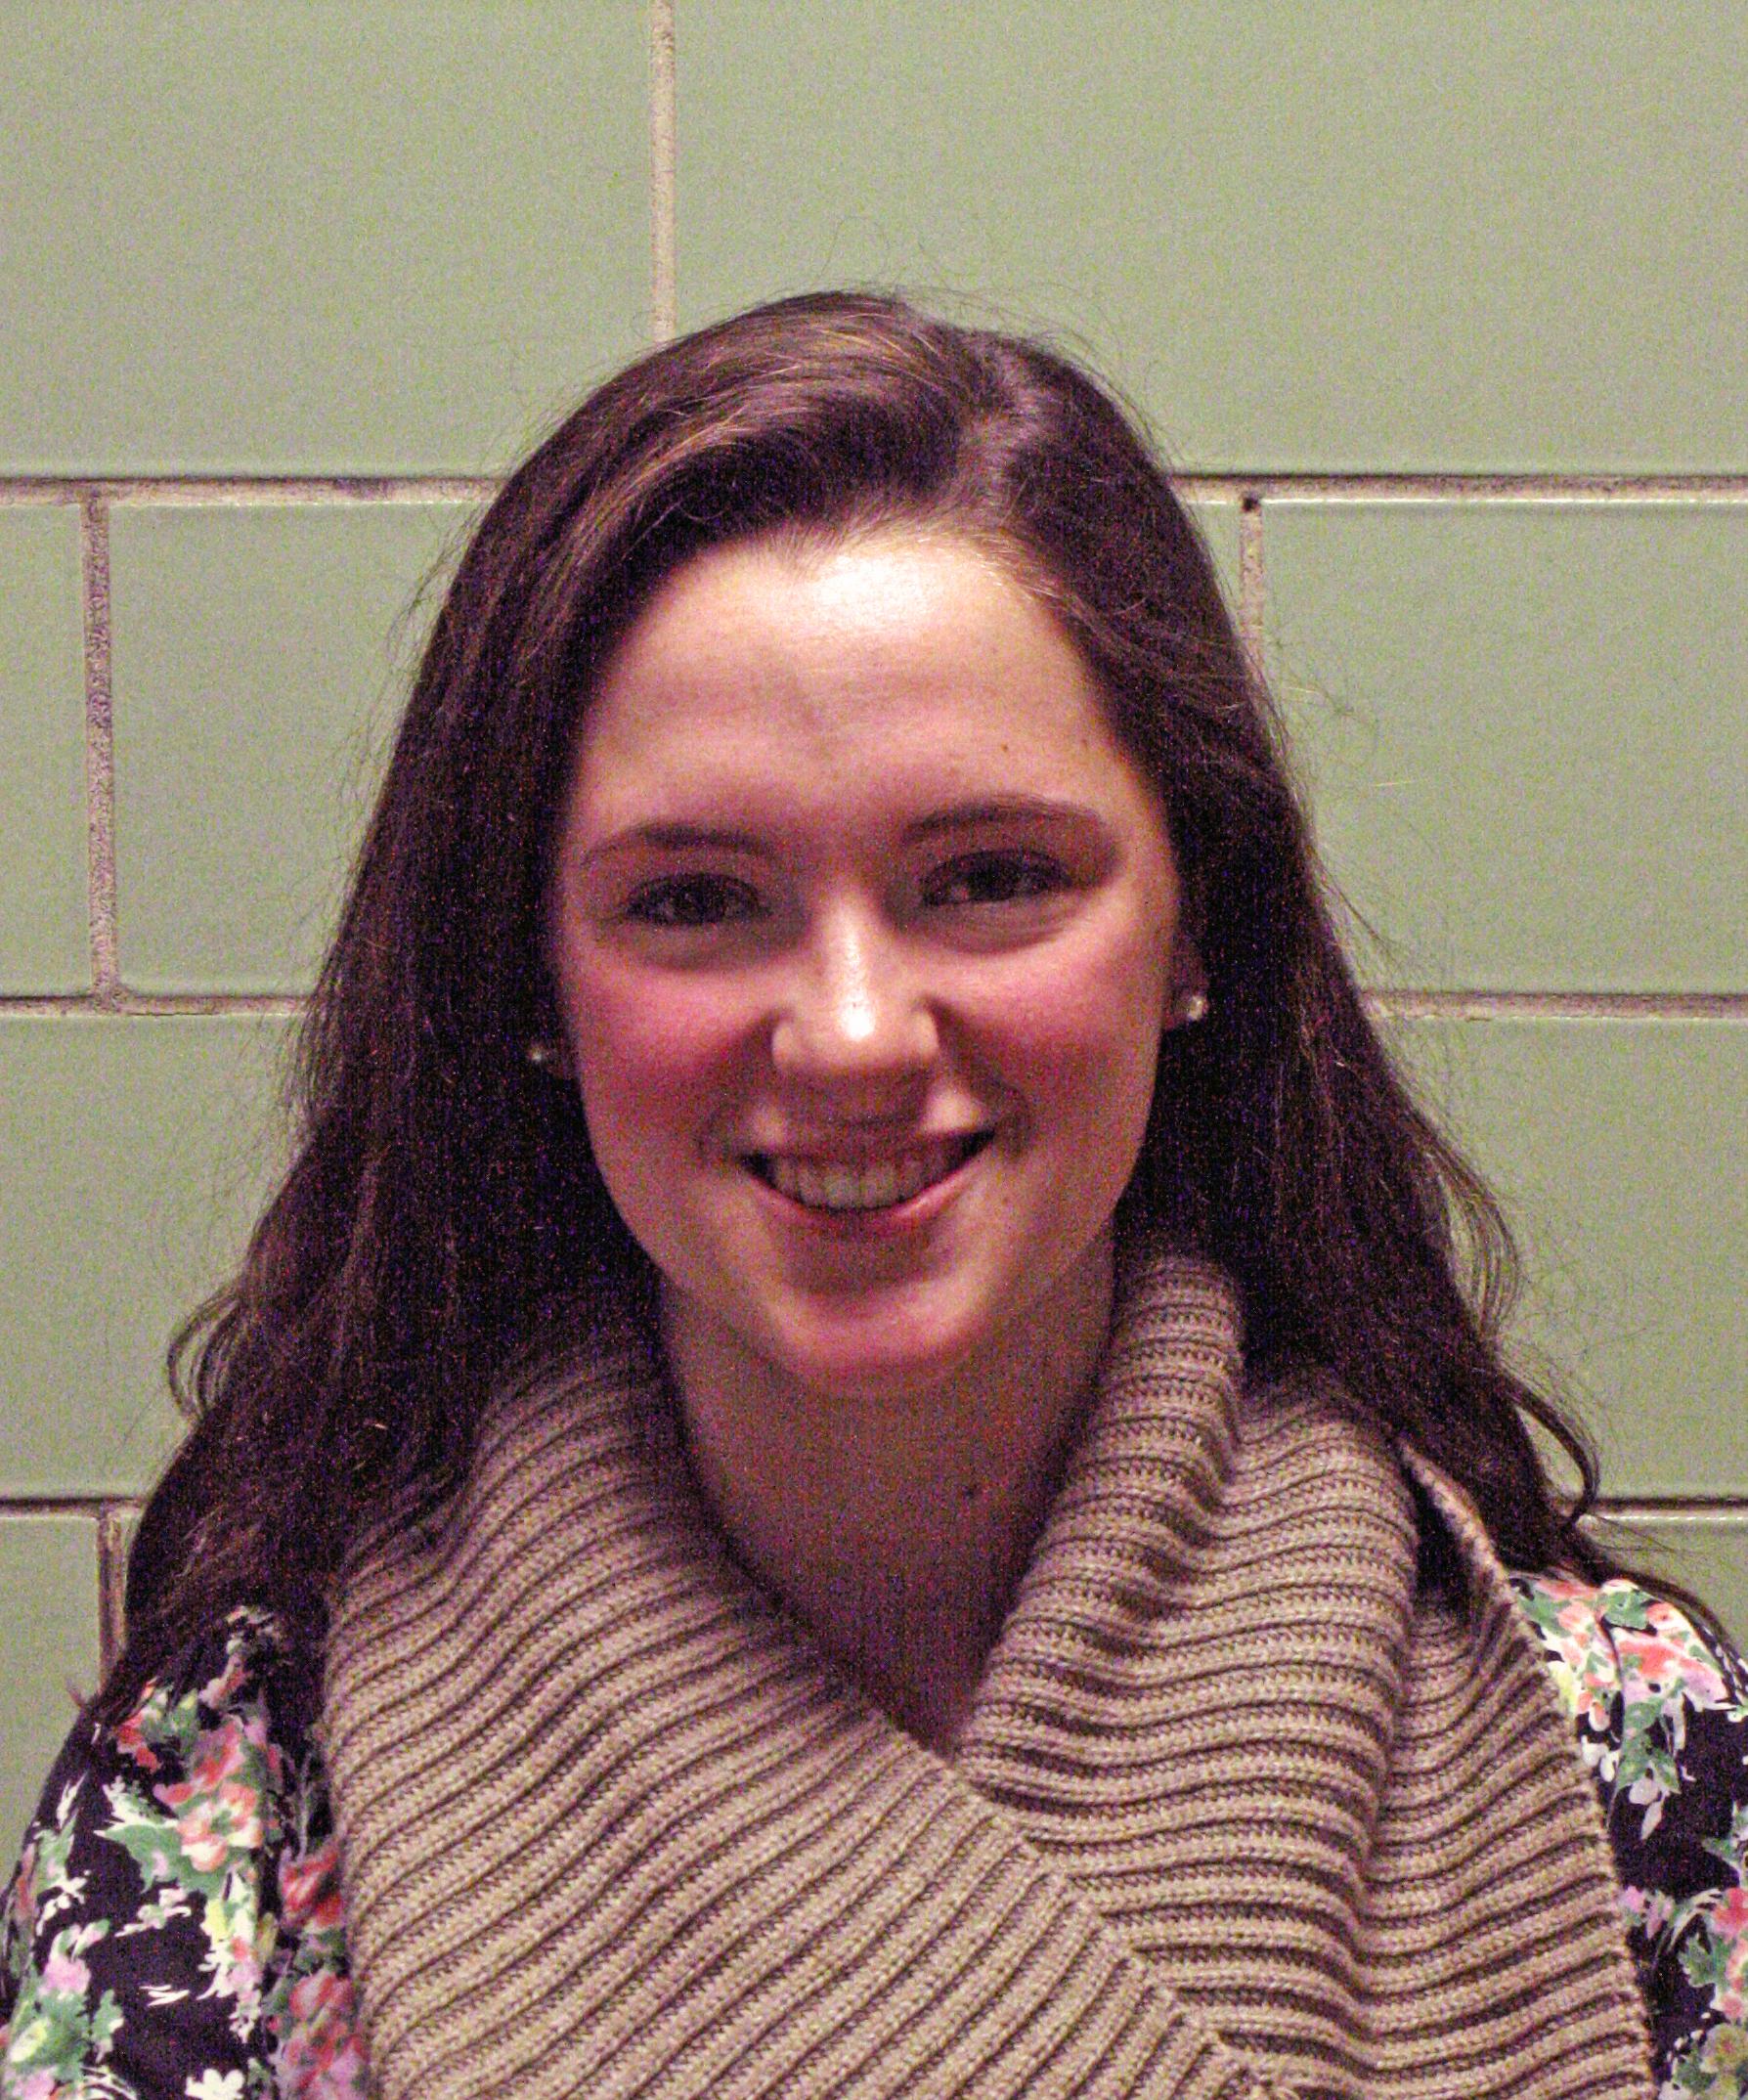 Sarah Colasanti